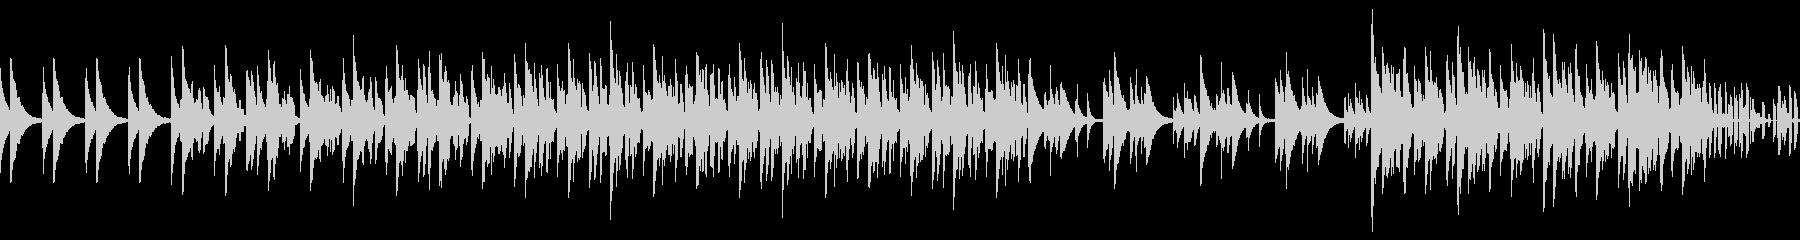 ロングバージョン スウィング、ノービートの未再生の波形